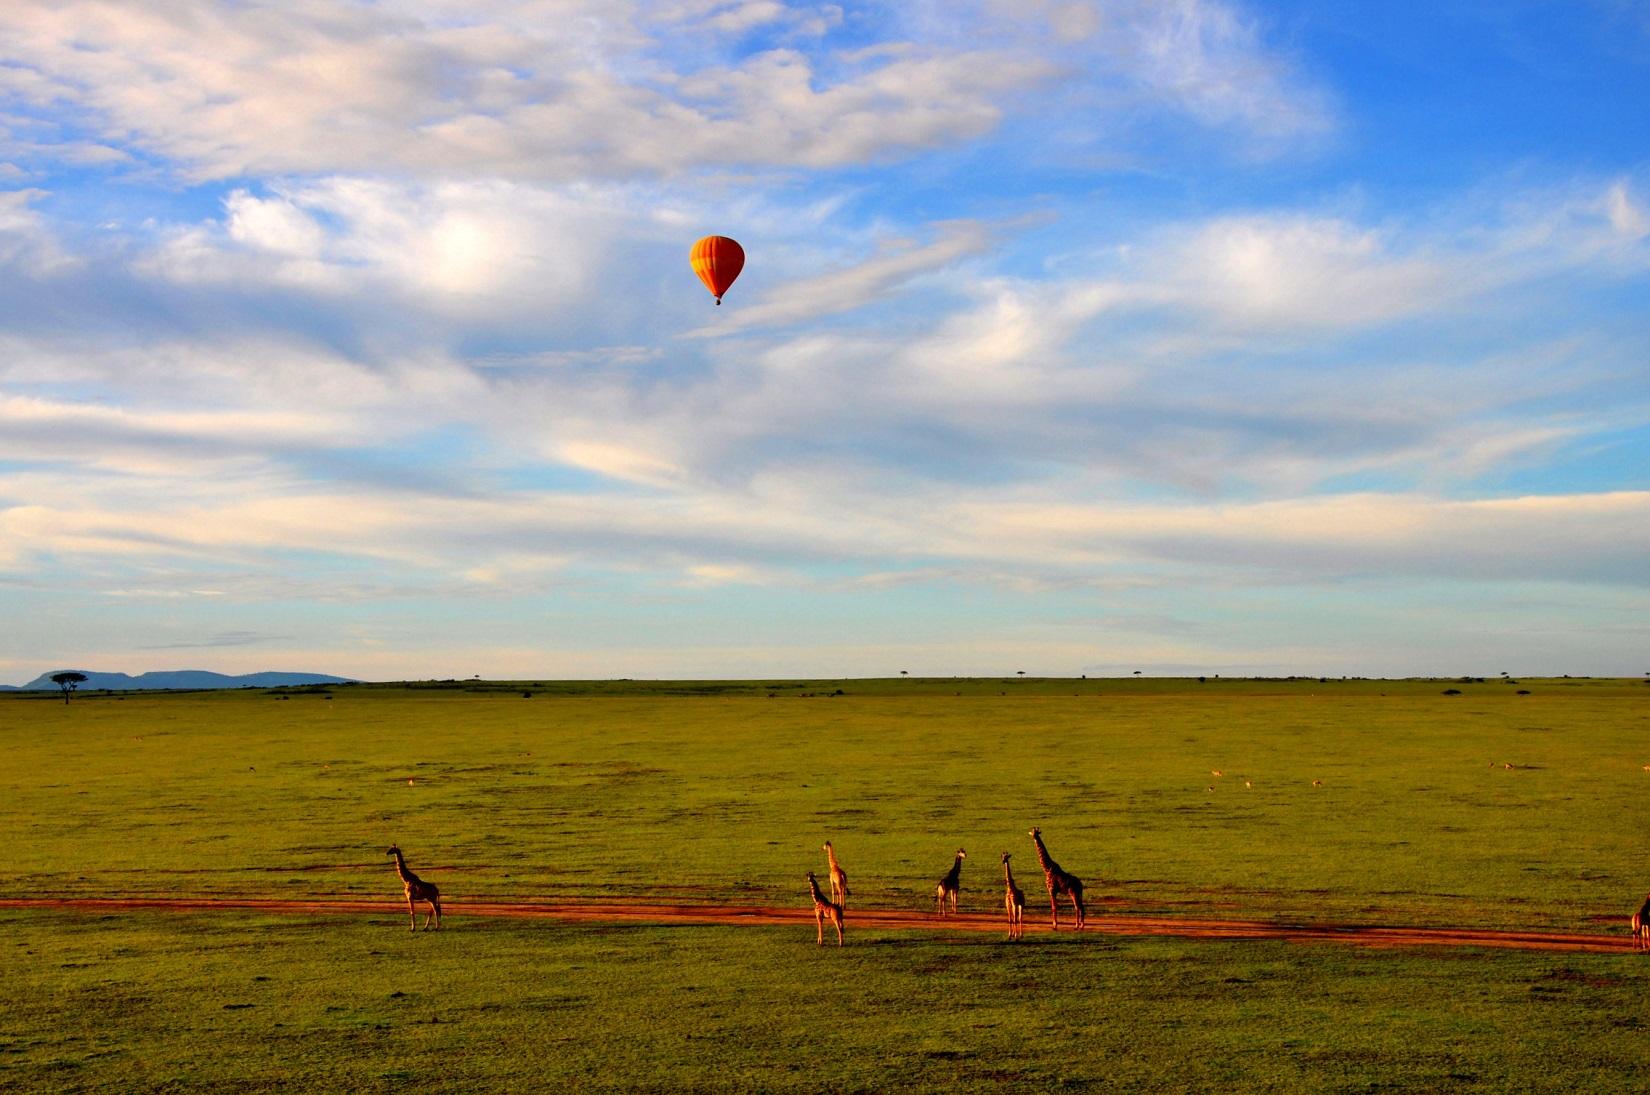 Hvornår er det bedst at rejse til Tanzania? | TANZANIA TOURS